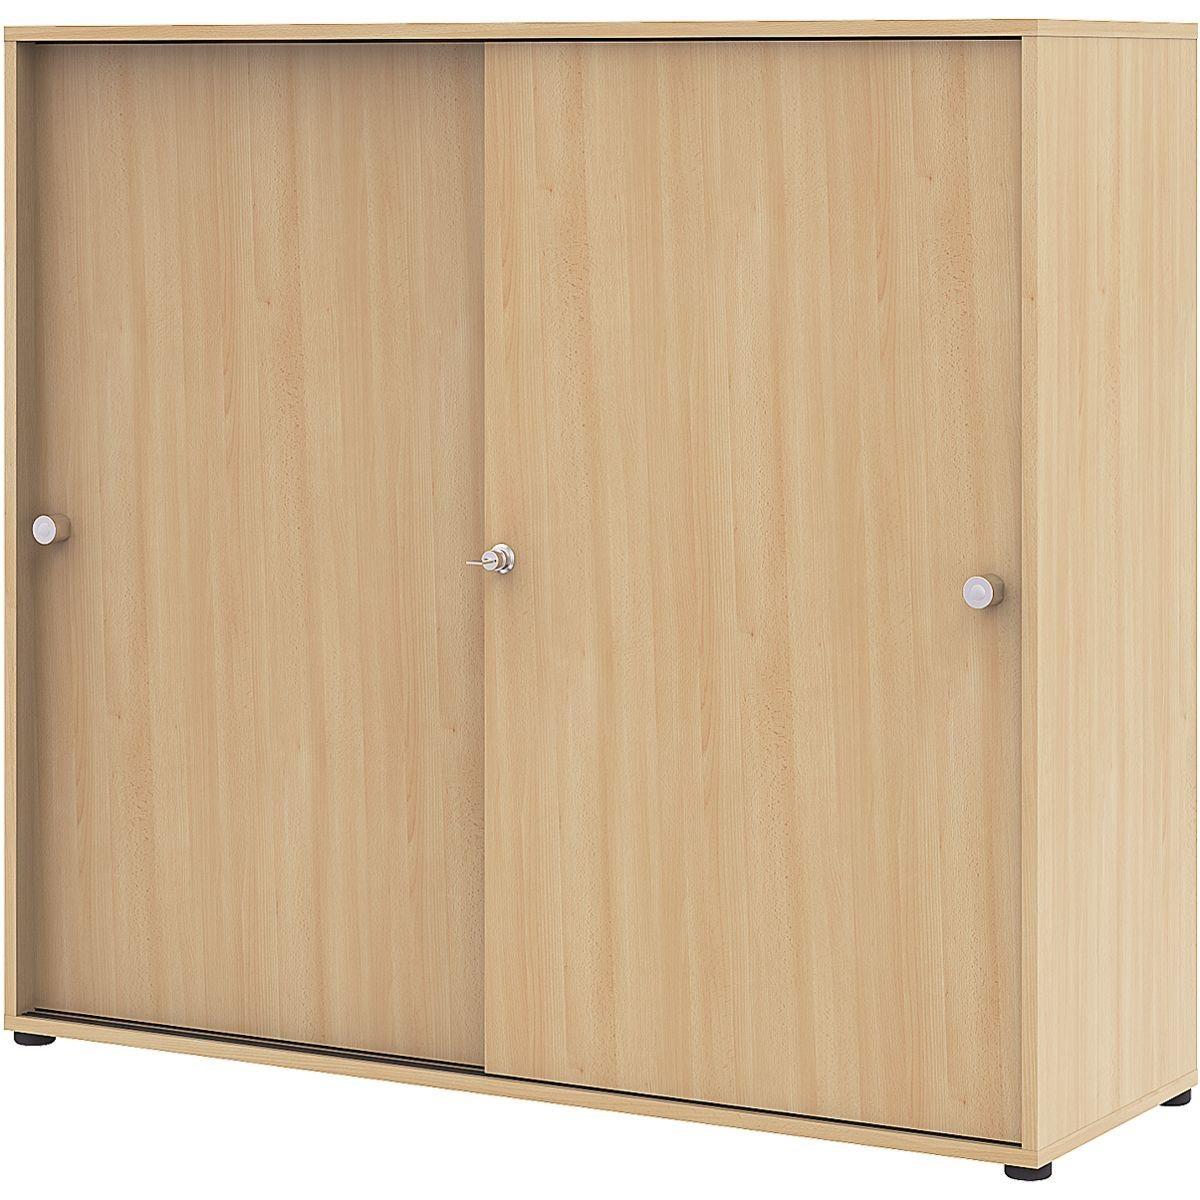 sitzbank holz 120 cm preisvergleich die besten angebote. Black Bedroom Furniture Sets. Home Design Ideas